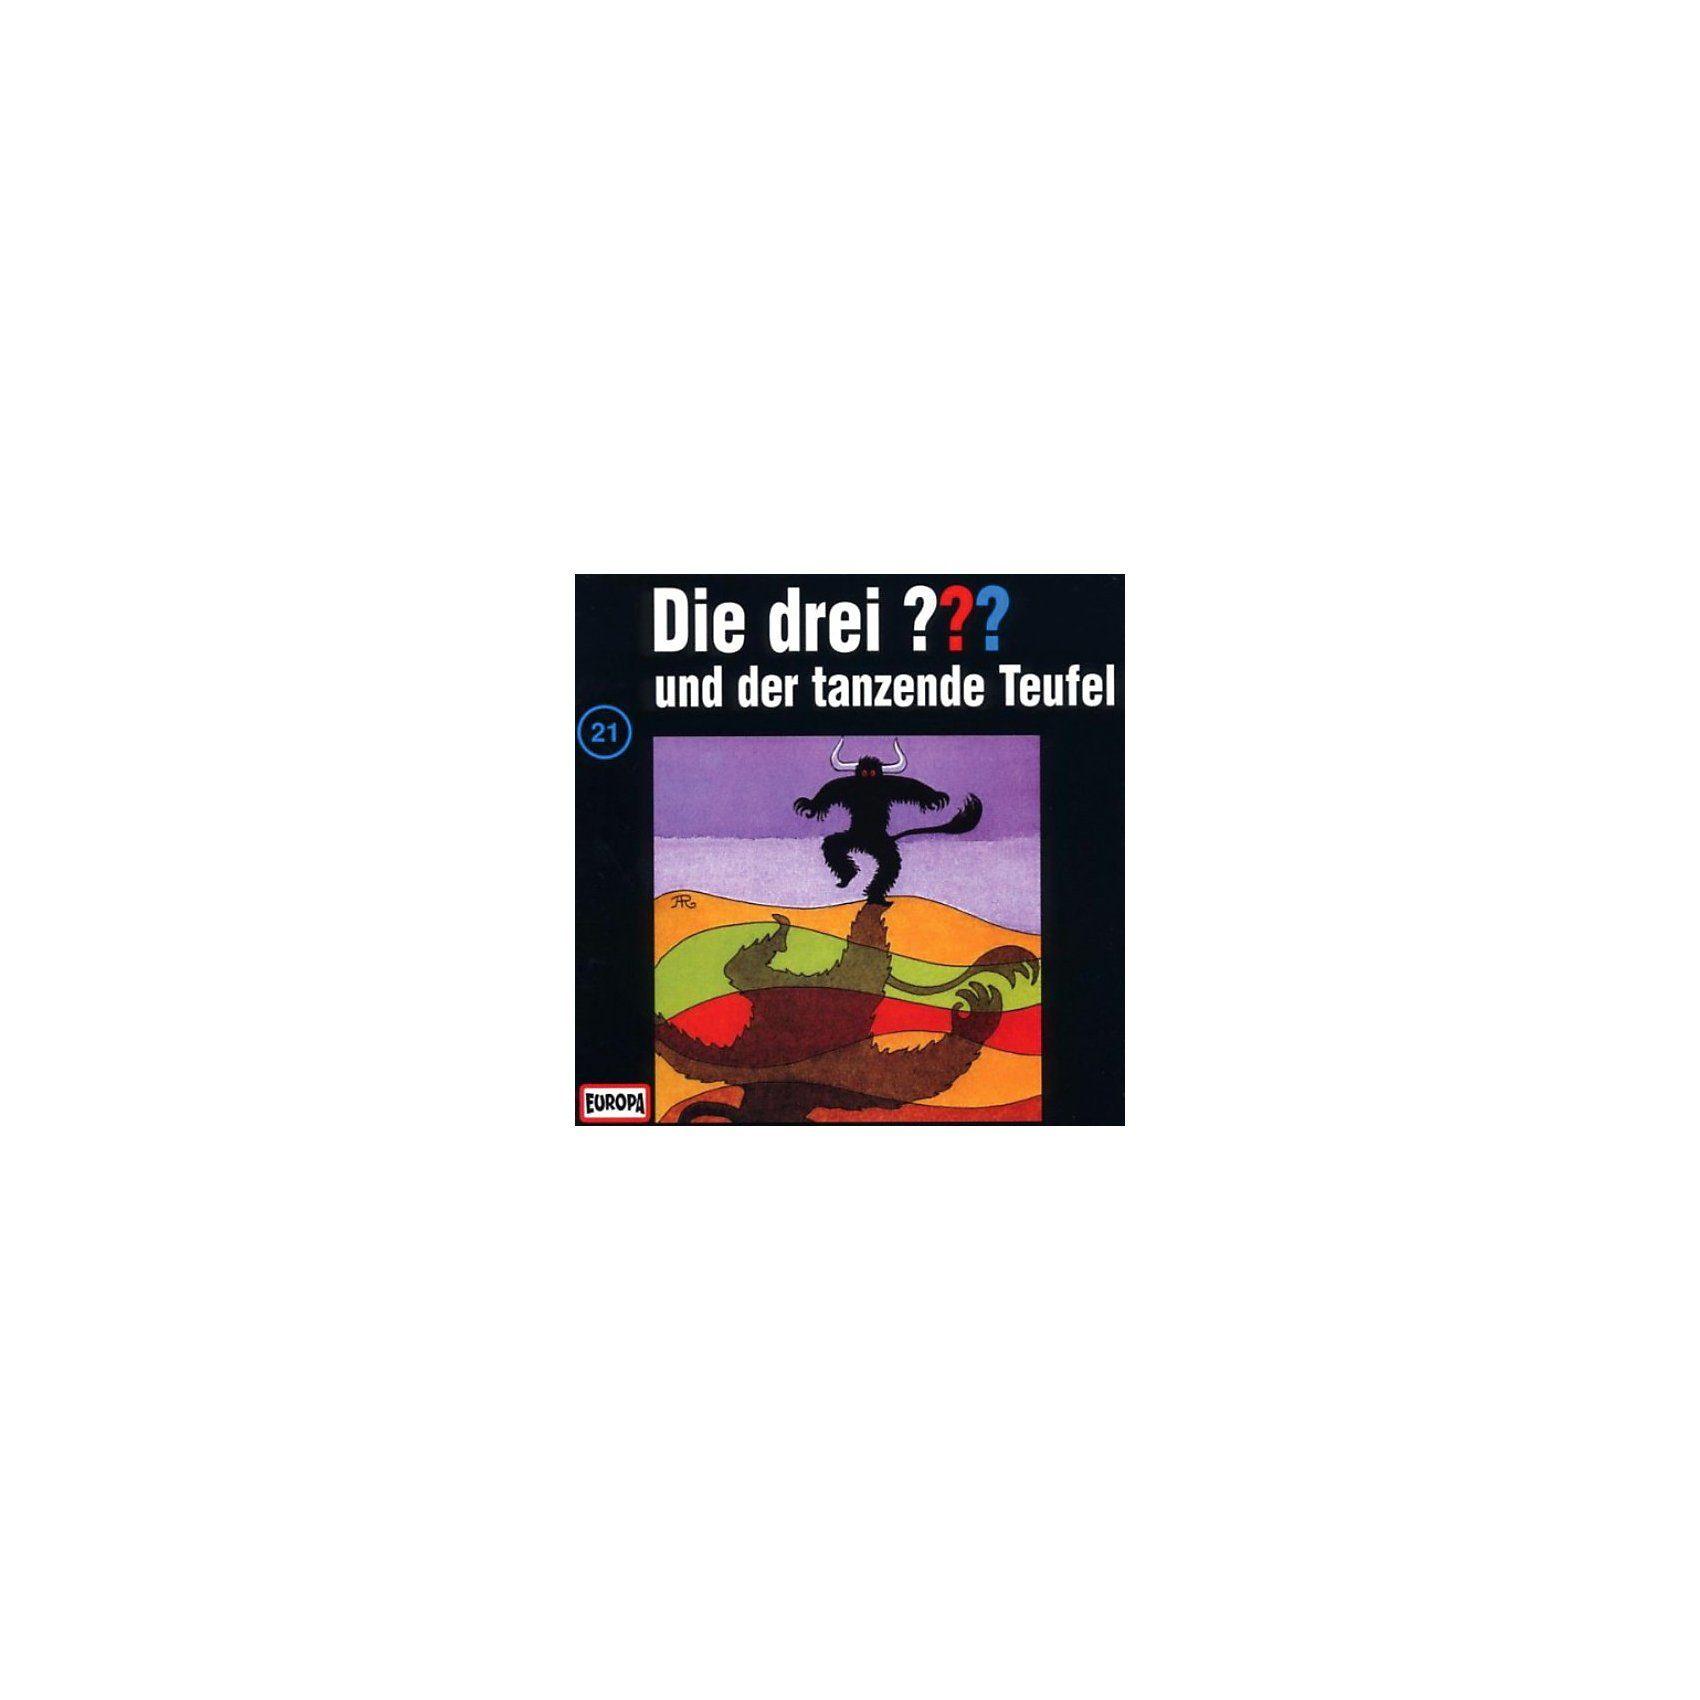 SONY BMG MUSIC CD Die Drei ??? 021/und der tanzende Teufel